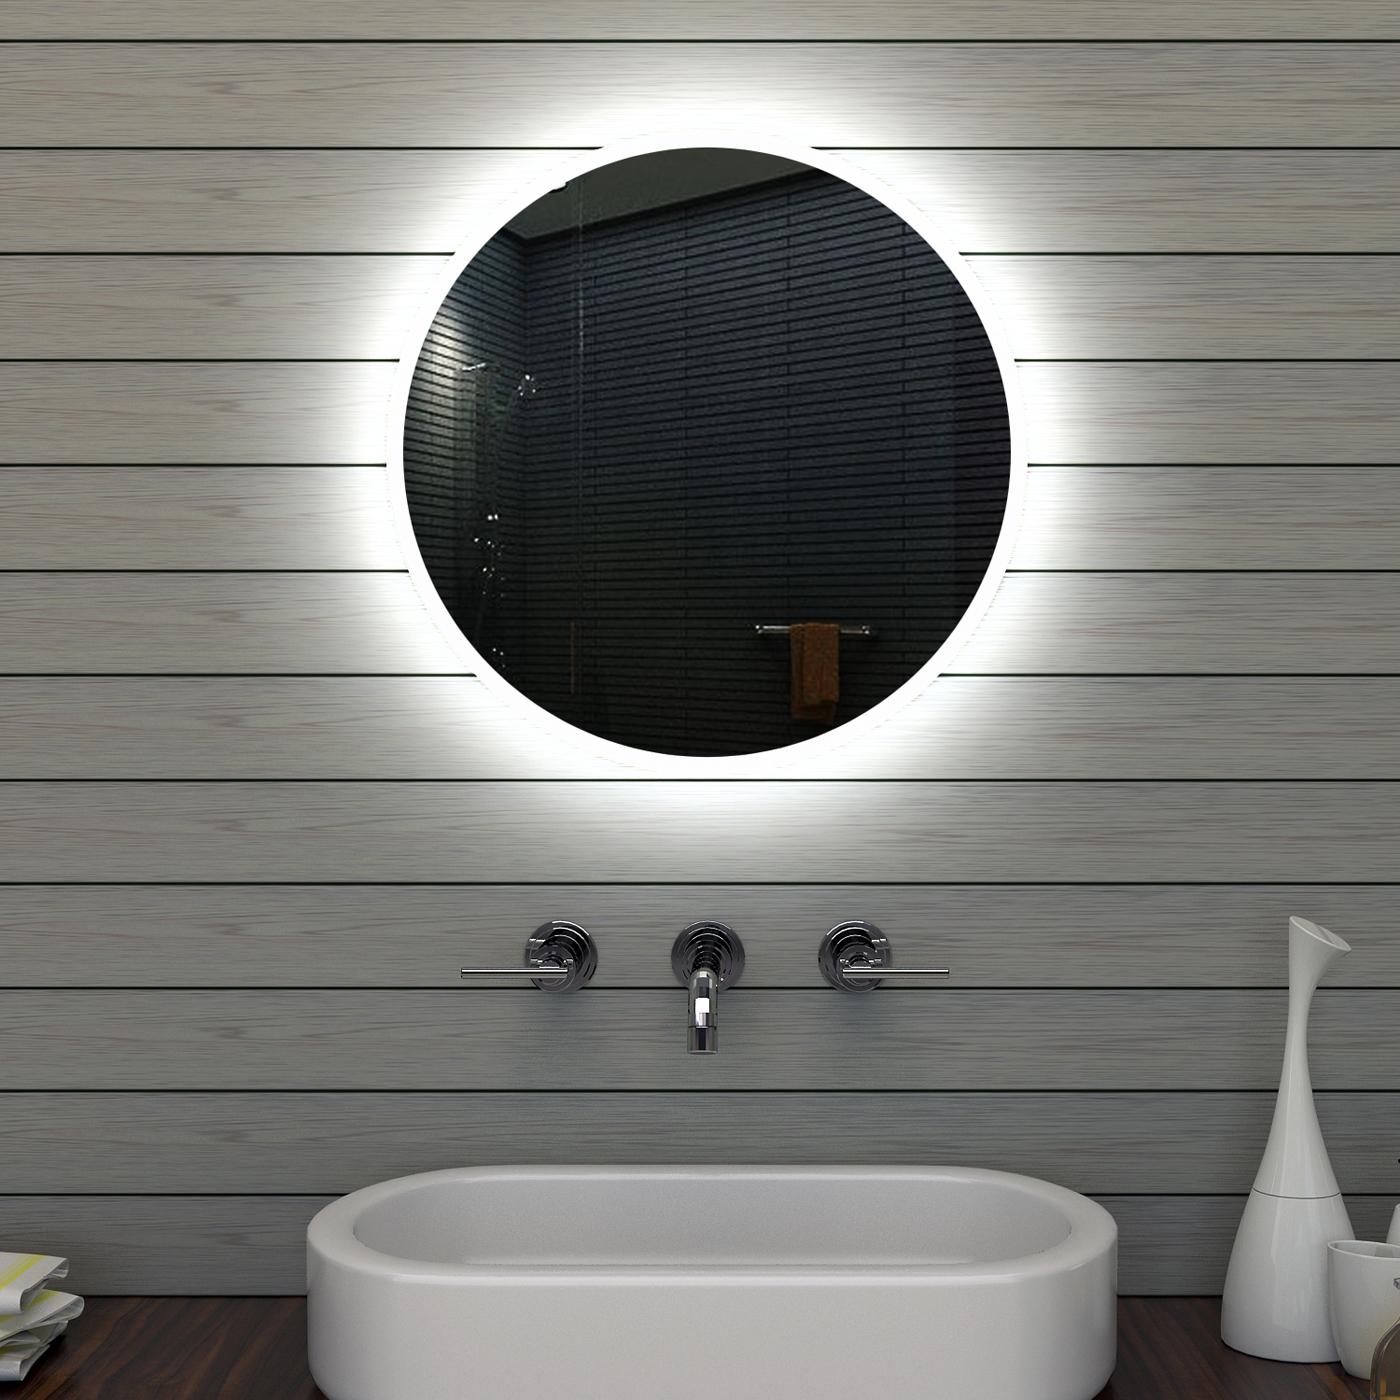 Wwwlux Aquade Rund Led Beleuchtung Badezimmerspiegel